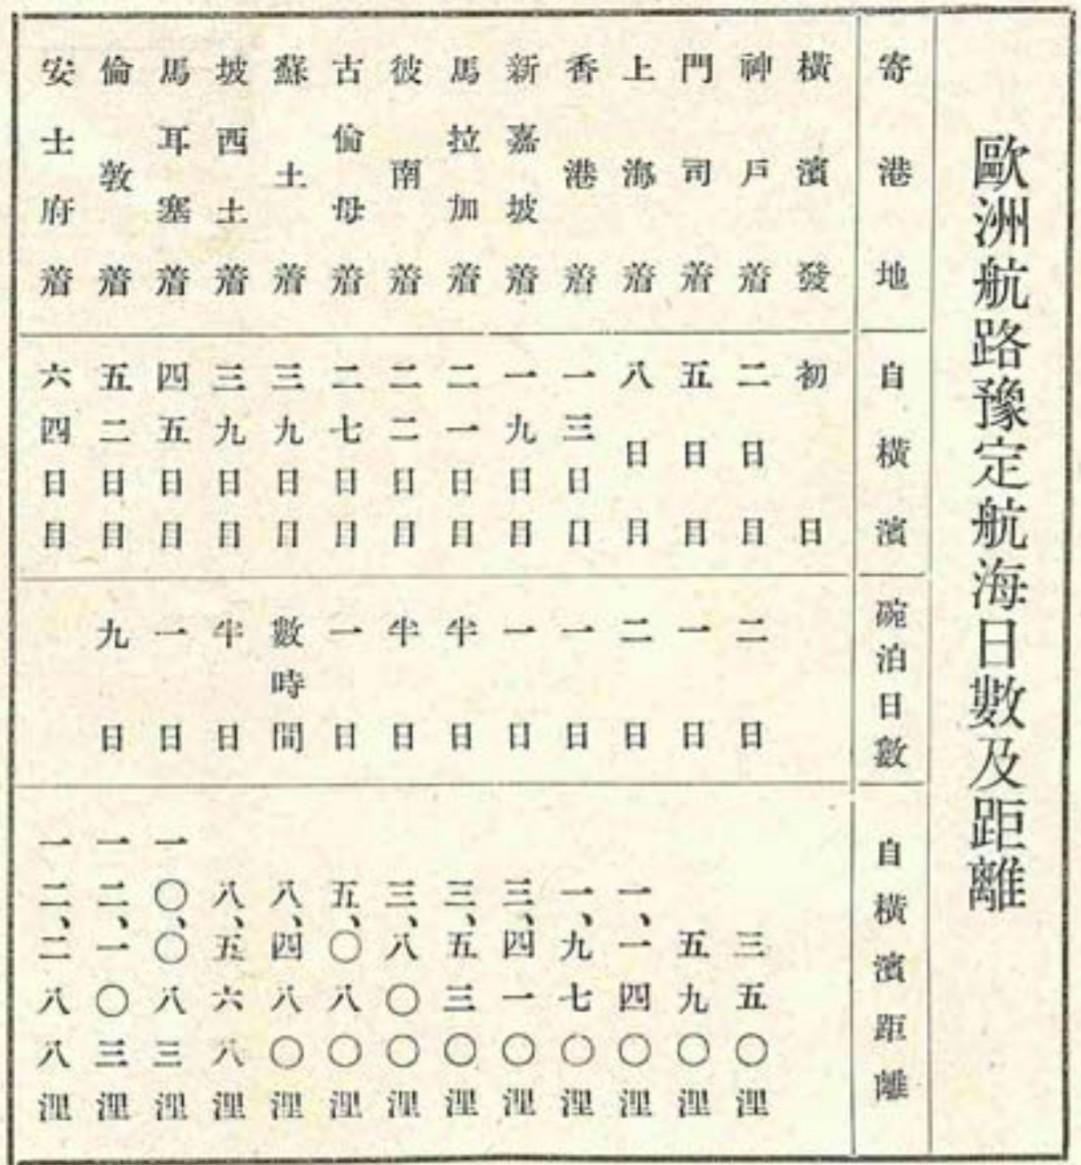 日本横滨港的航线时刻表